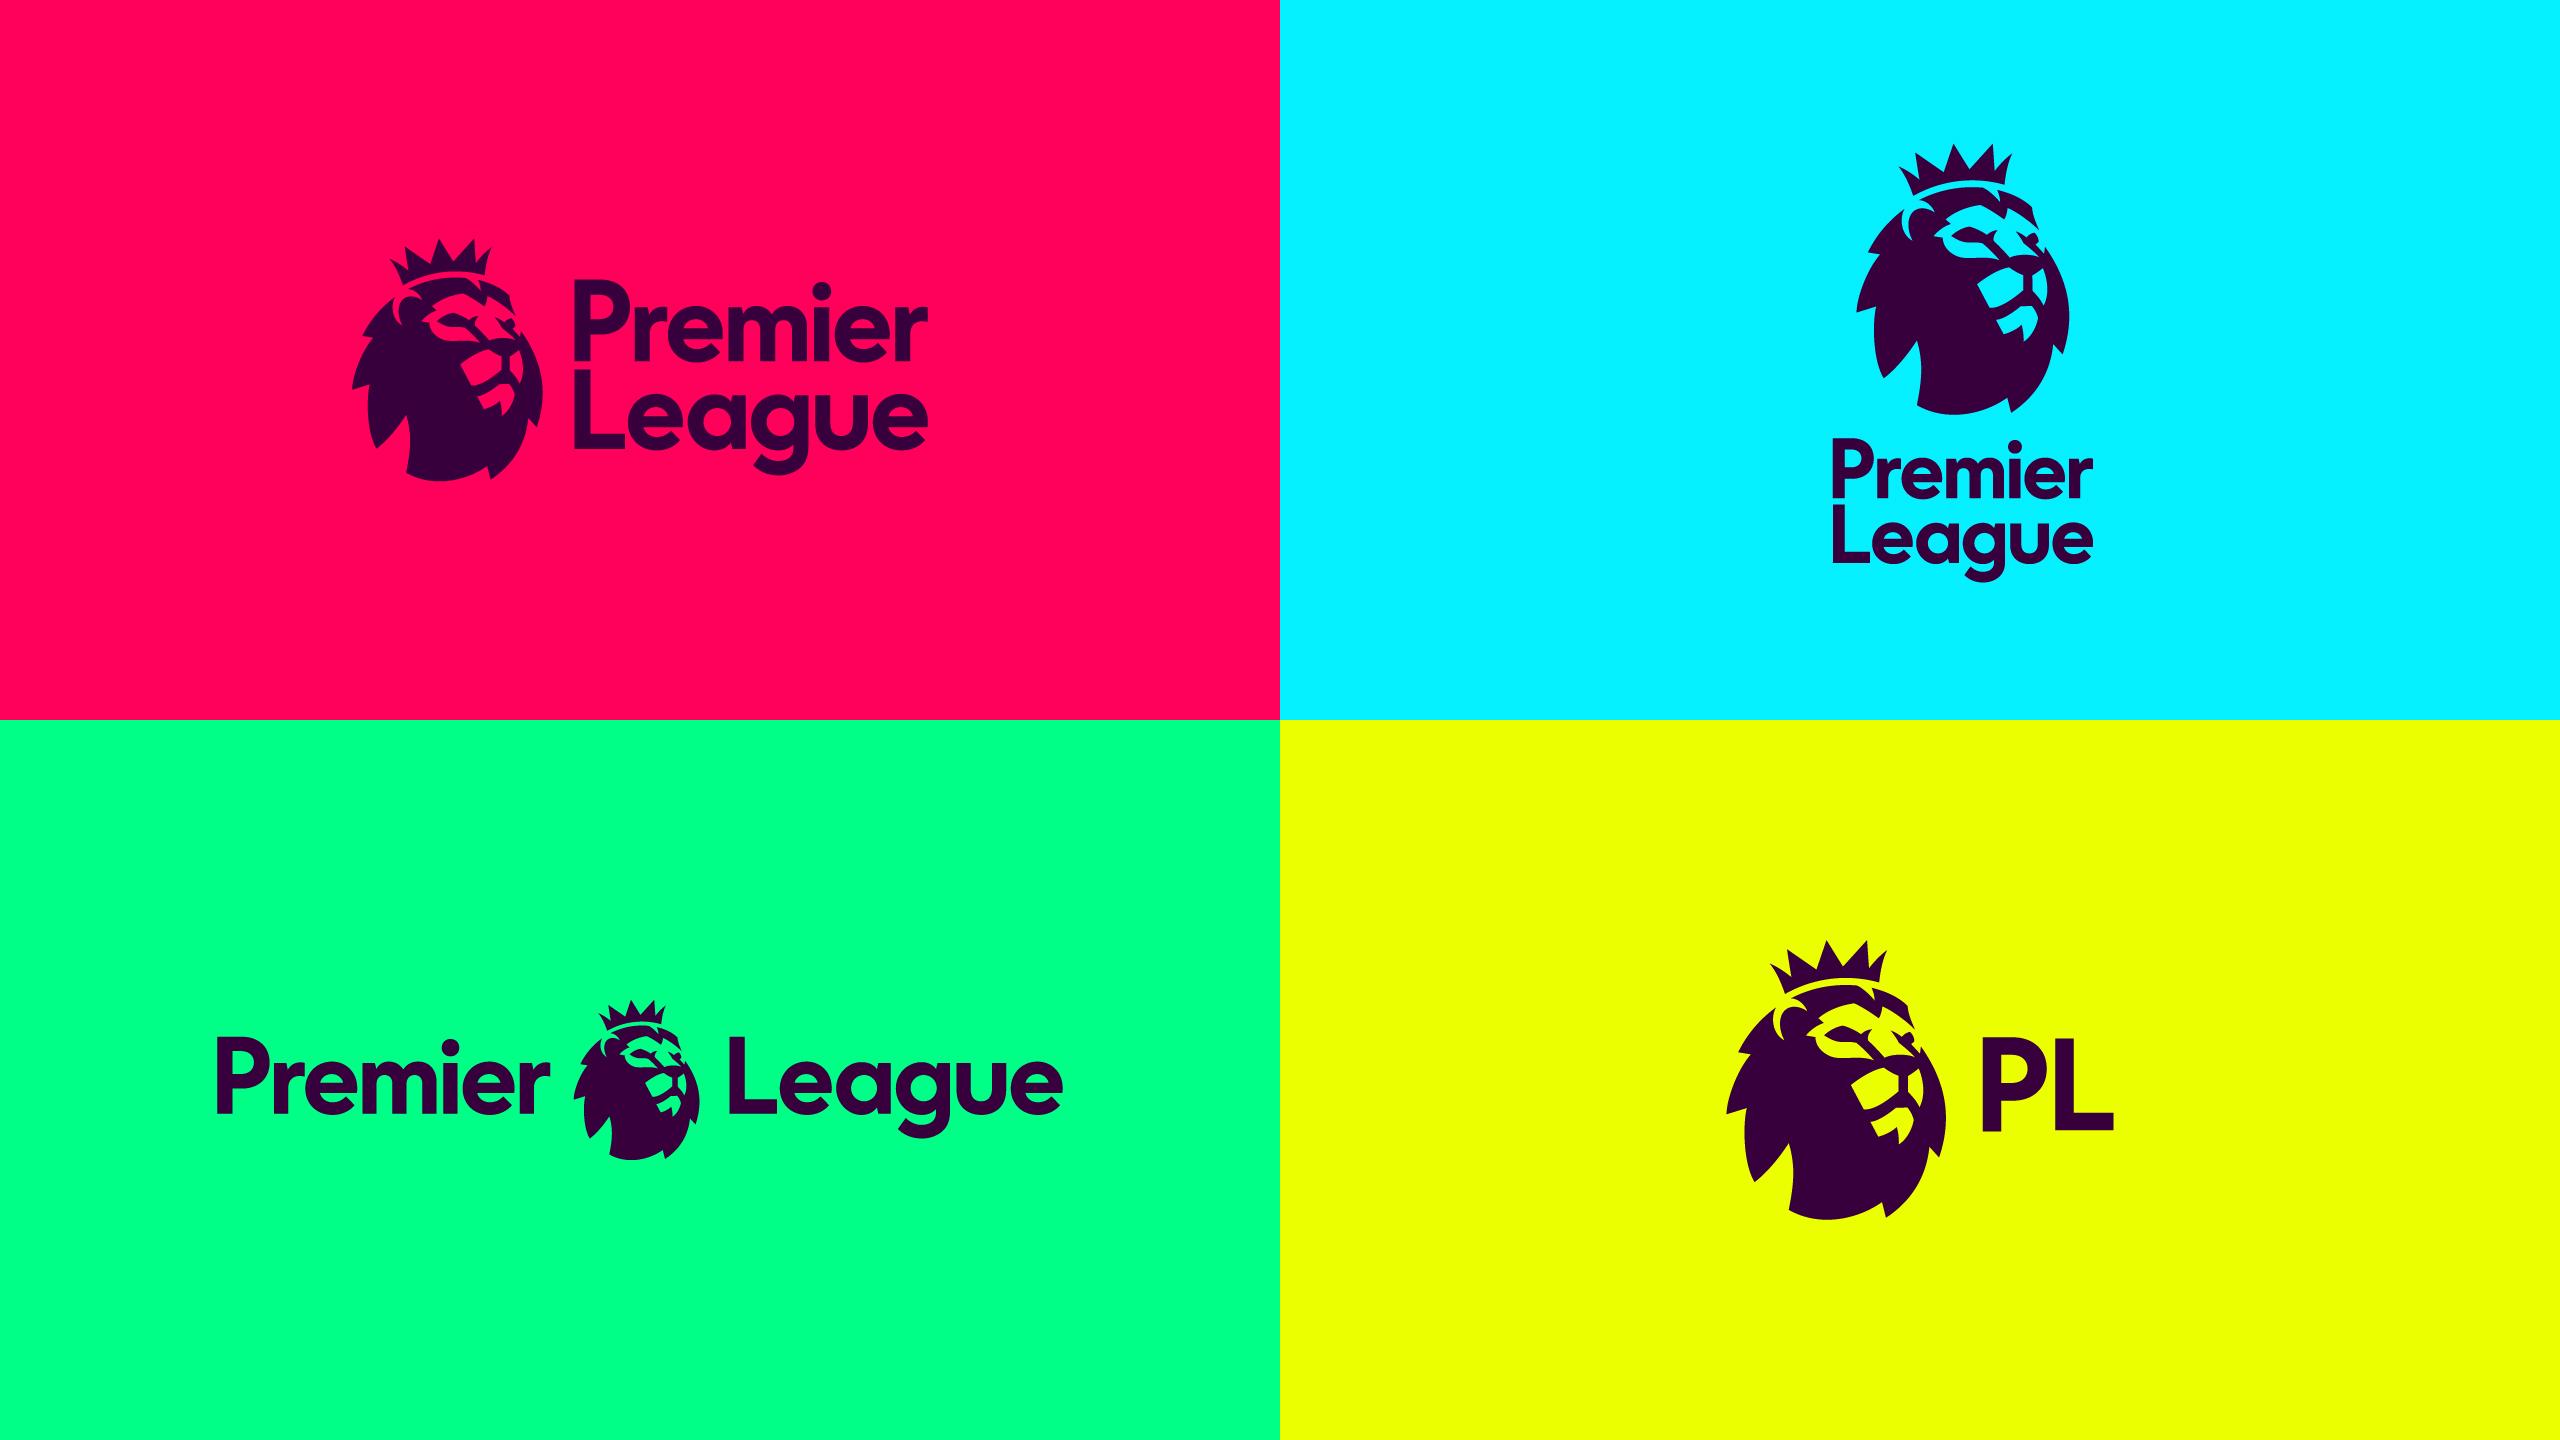 barclays premier league lion logo png wwwpixsharkcom